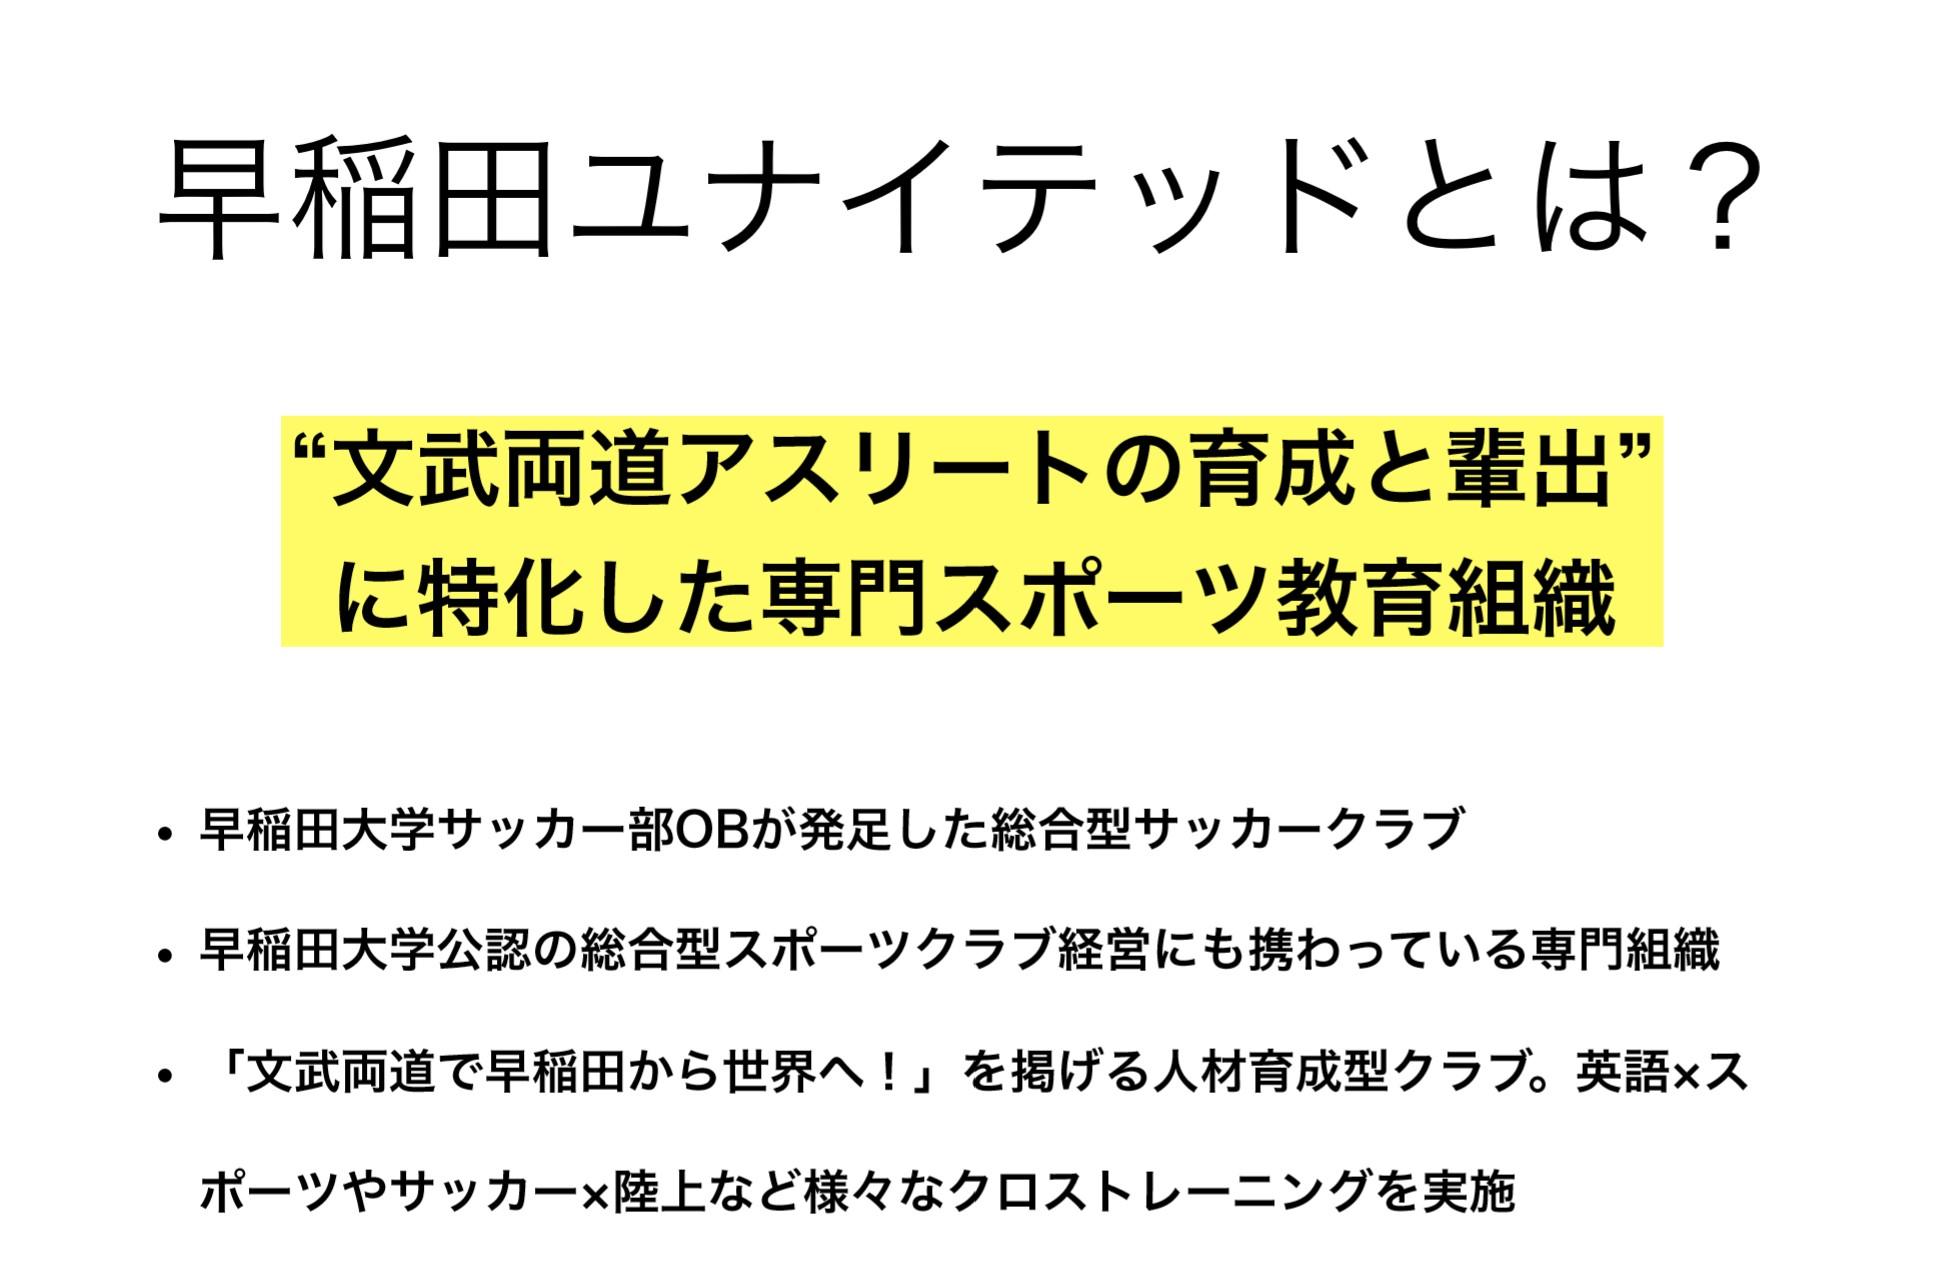 早稲田ユナイテッドアカデミー説明資料3